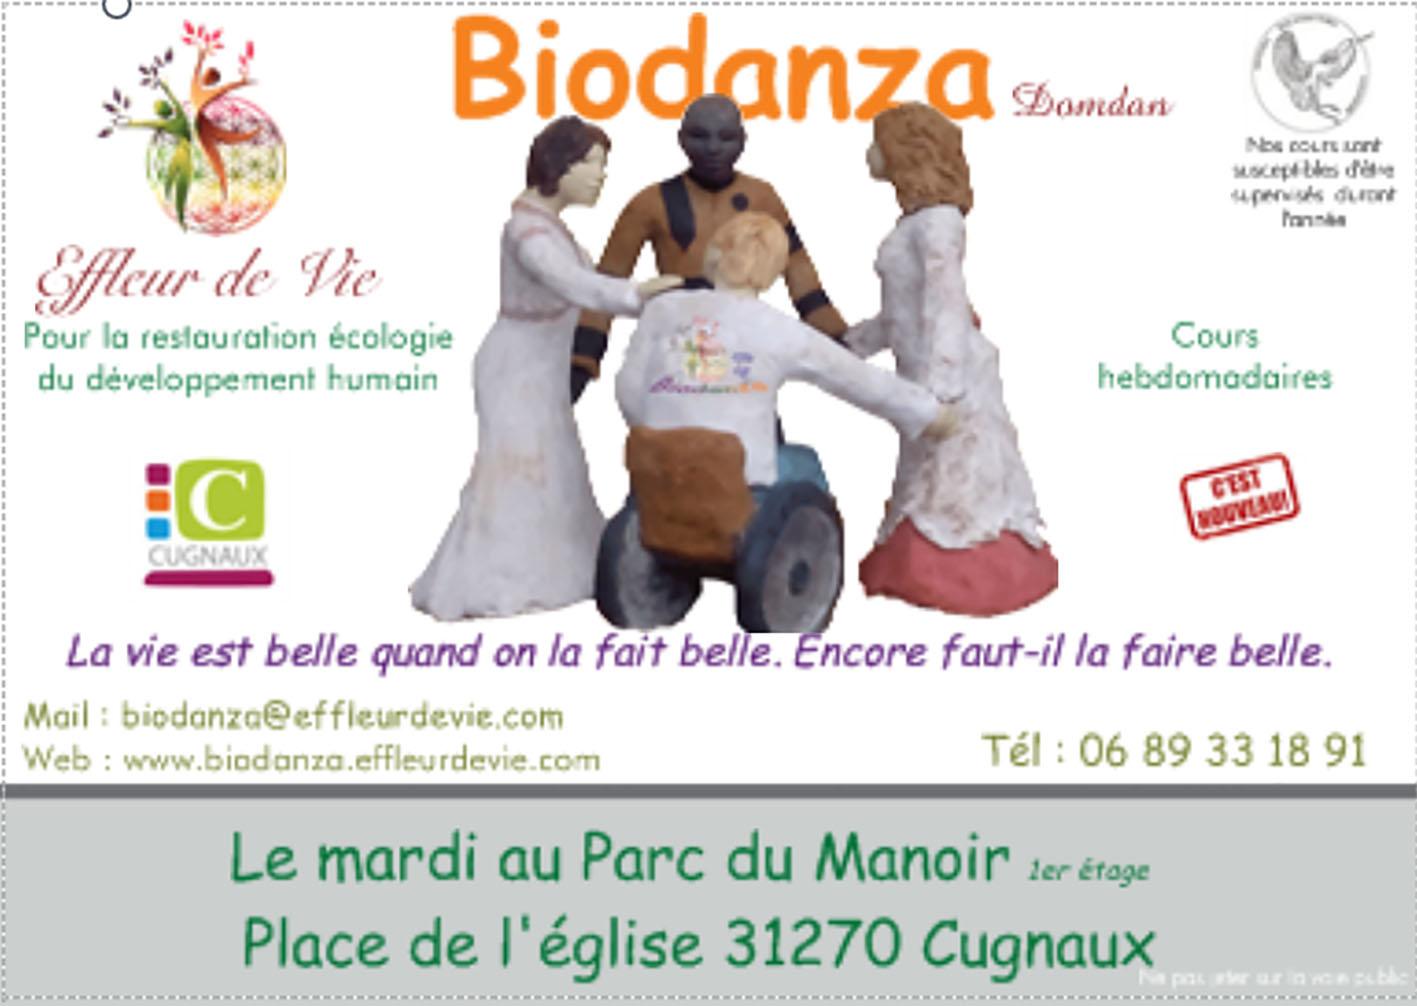 biodanza-pour-tous-le-mardi-parc-du-manoir